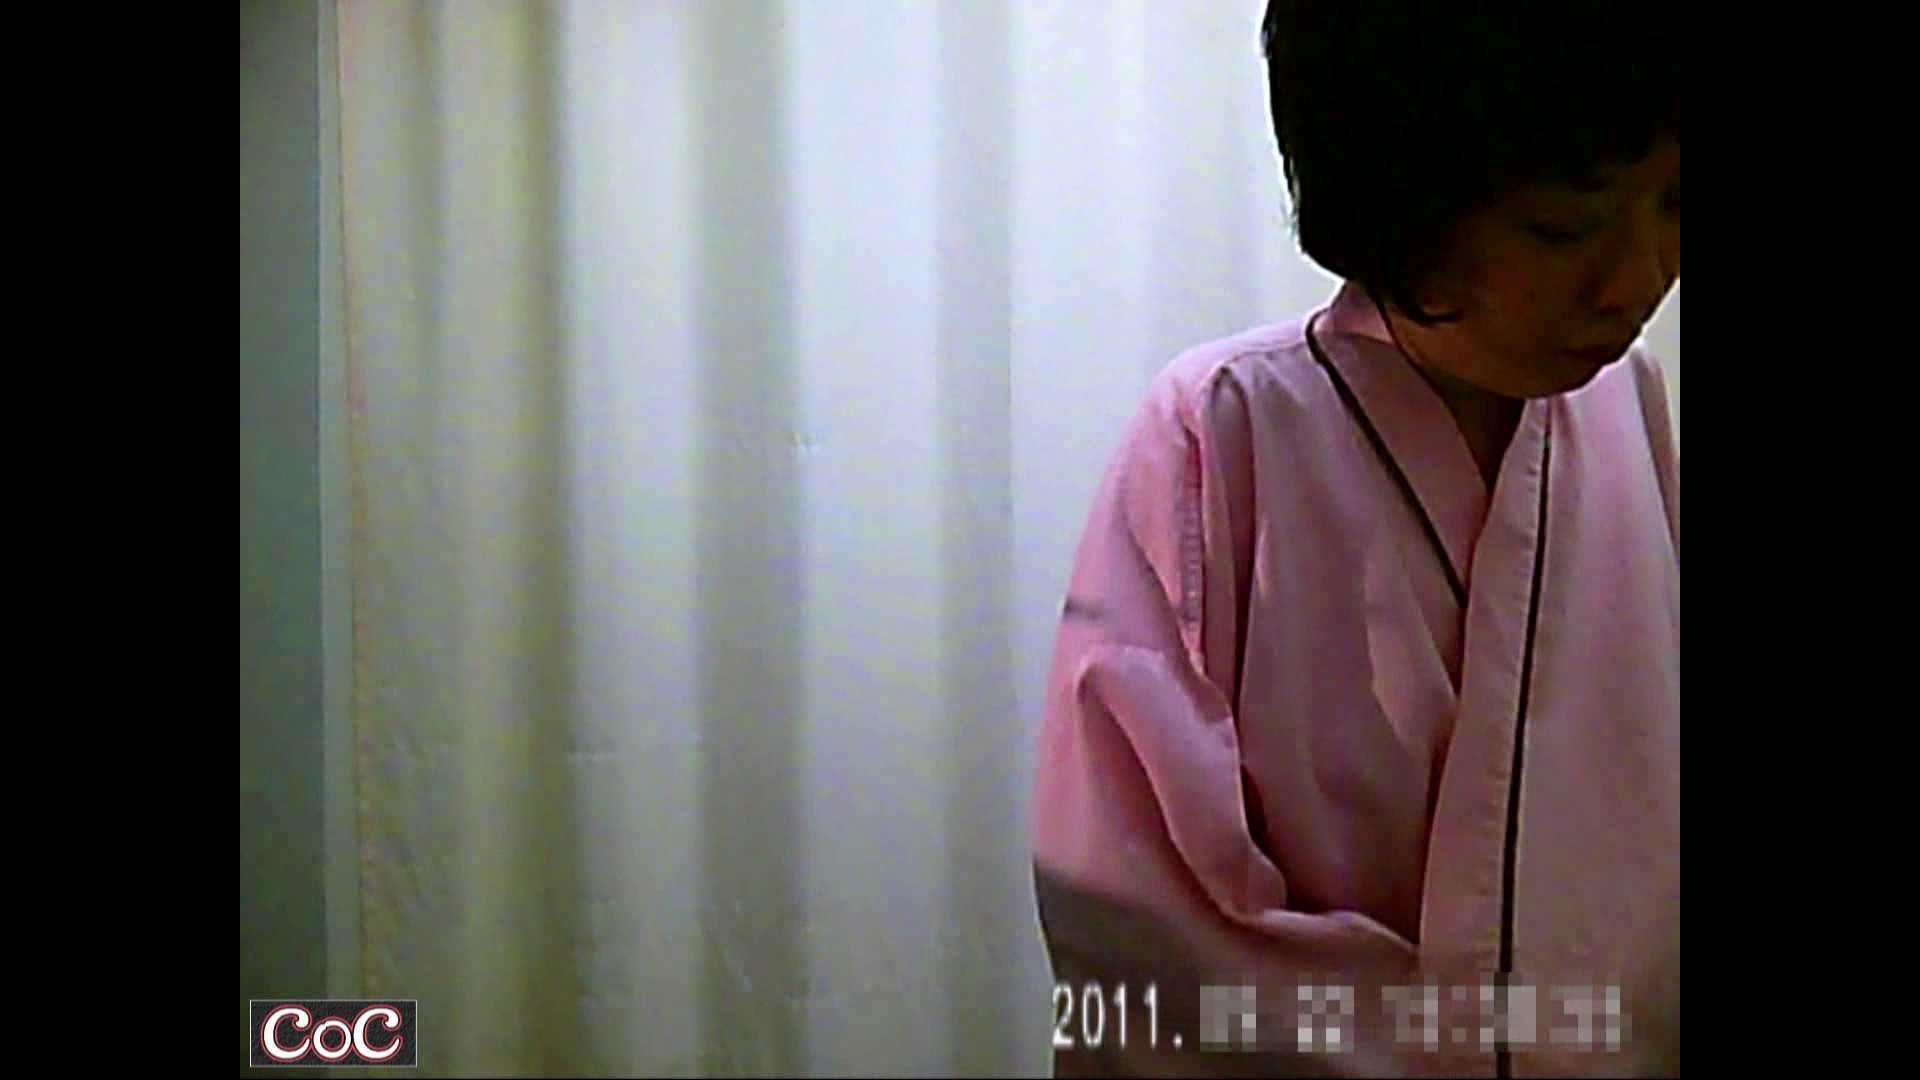 病院おもいっきり着替え! vol.32 乳首 オマンコ無修正動画無料 89画像 5